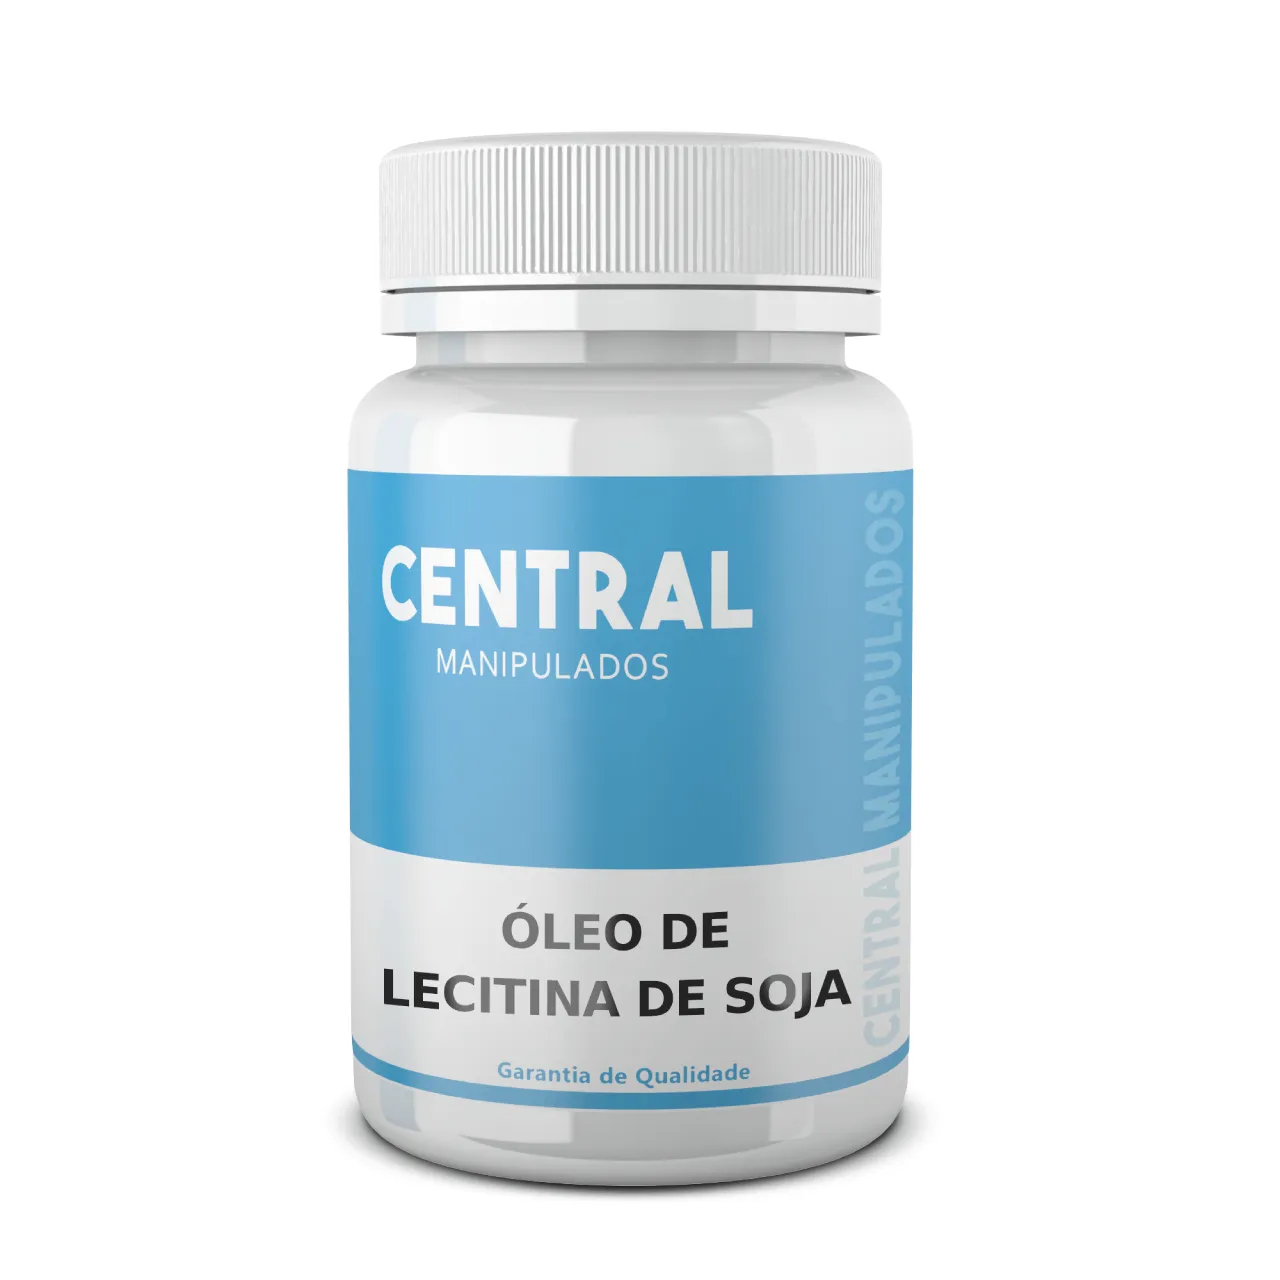 Óleo de Lecitina de Soja 500mg - 30 cápsulas - Purificar os Rins e o Fígado, Mais Energia e Aumenta o Poder Cerebral, Redução no Peso